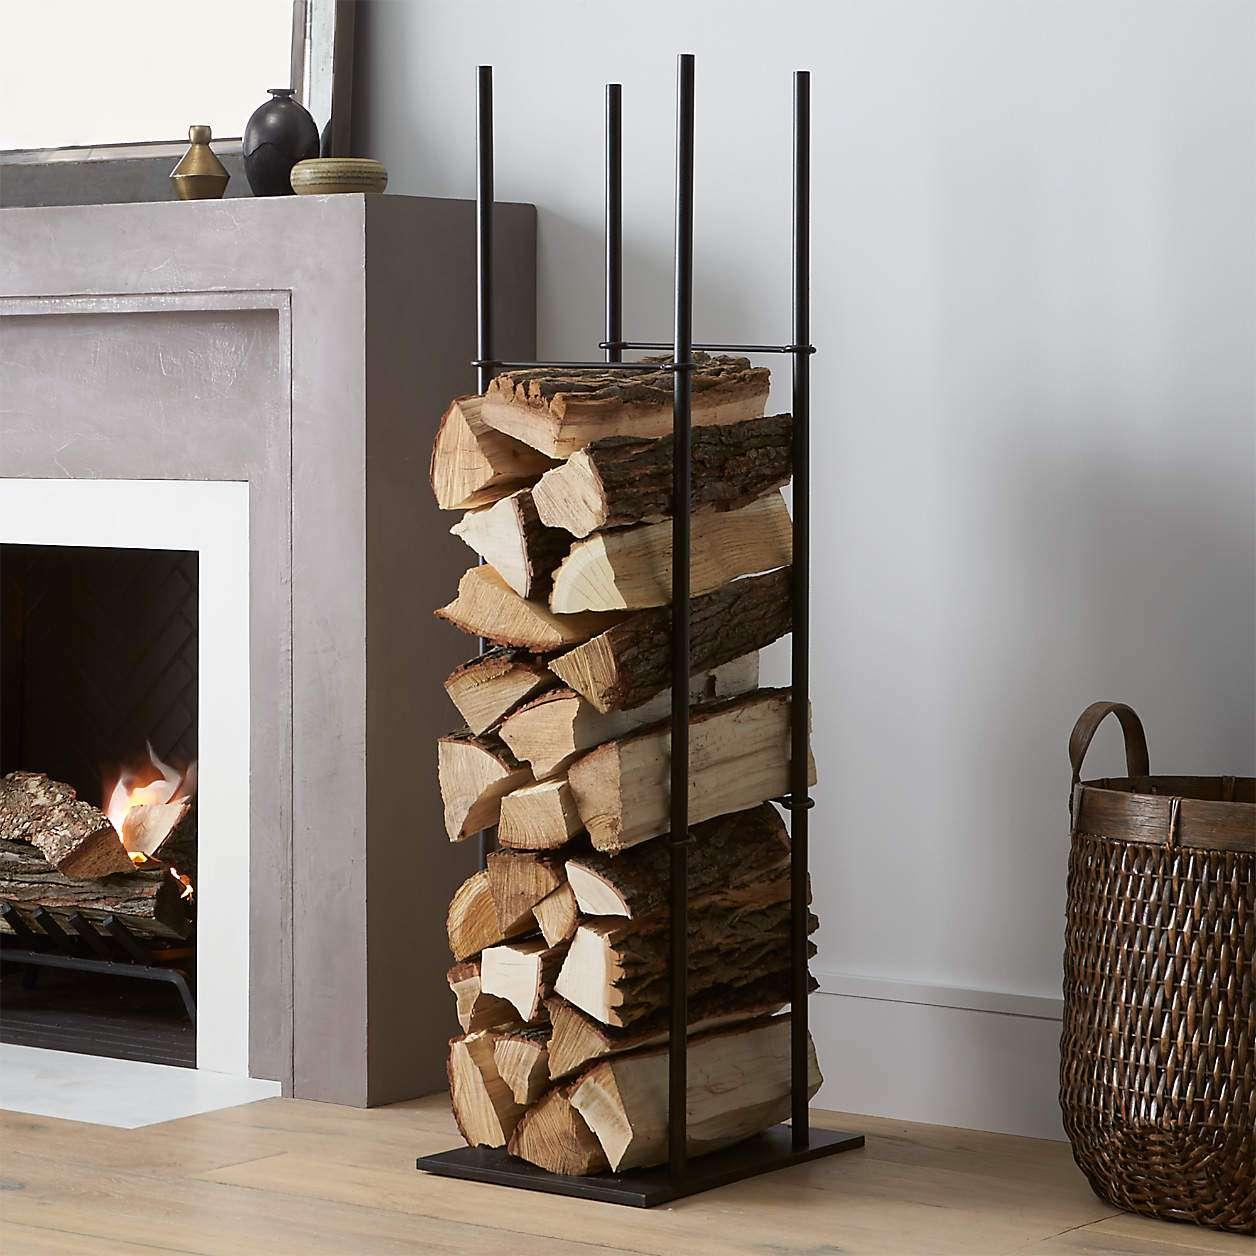 Crate & Barrel Frame Indoor/Outdoor Log Holder